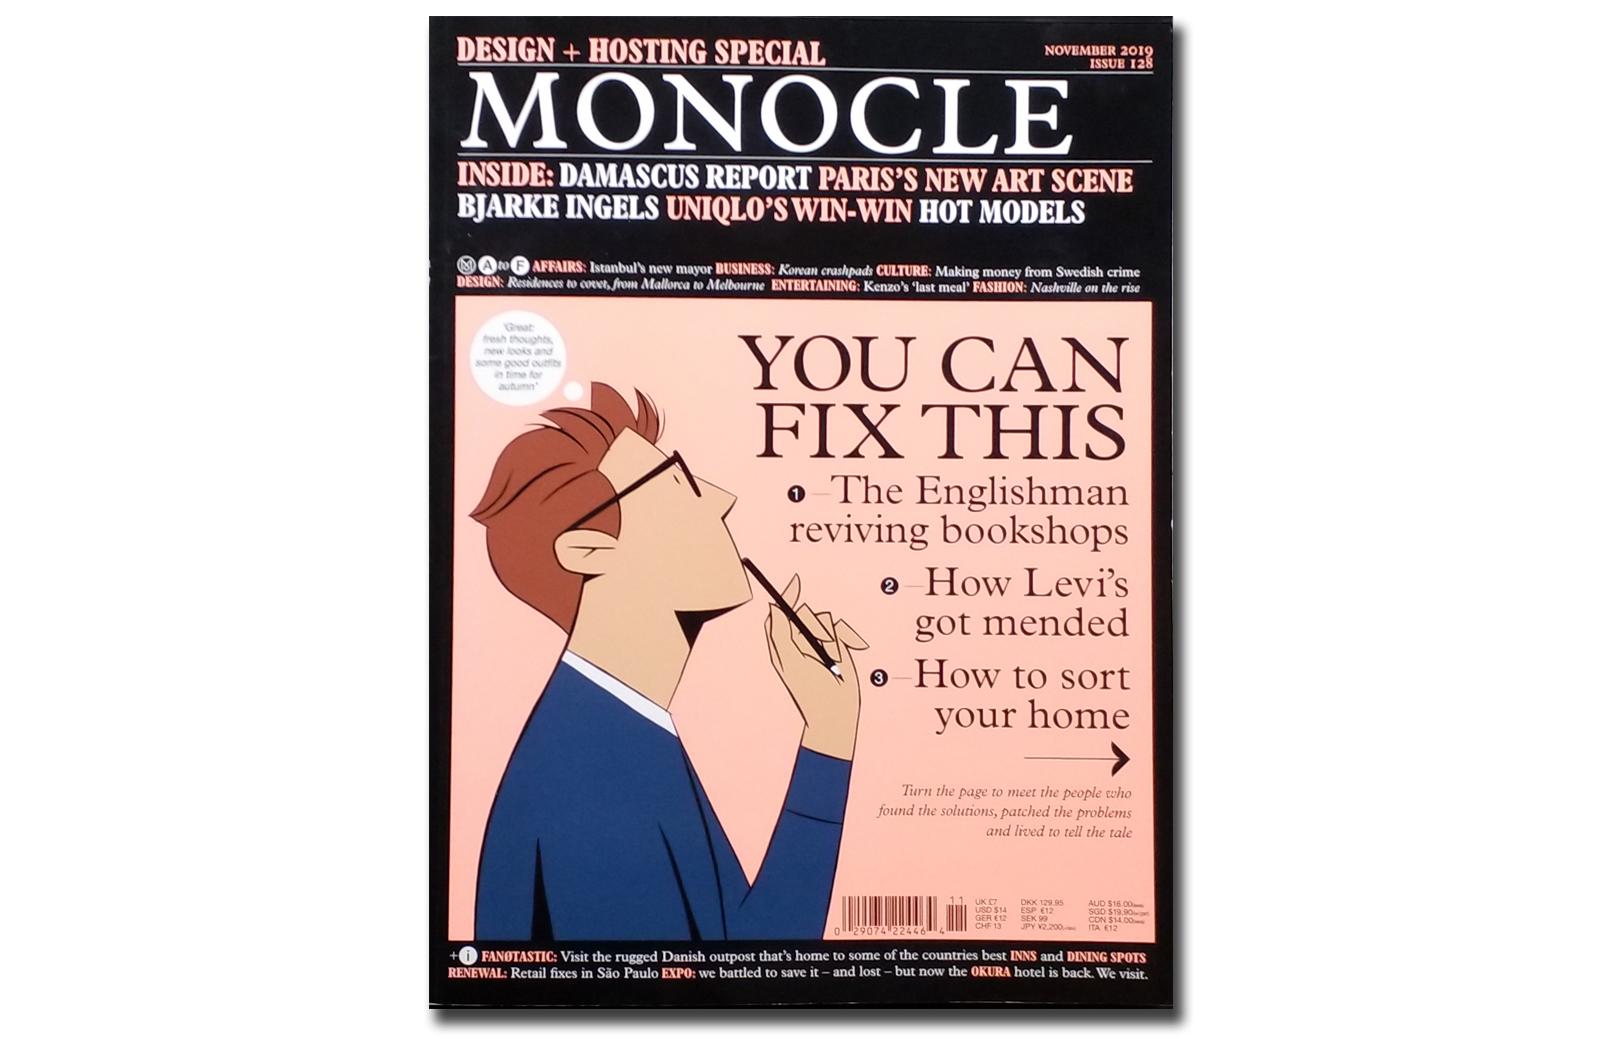 OHLAB_monocle_casa palerm